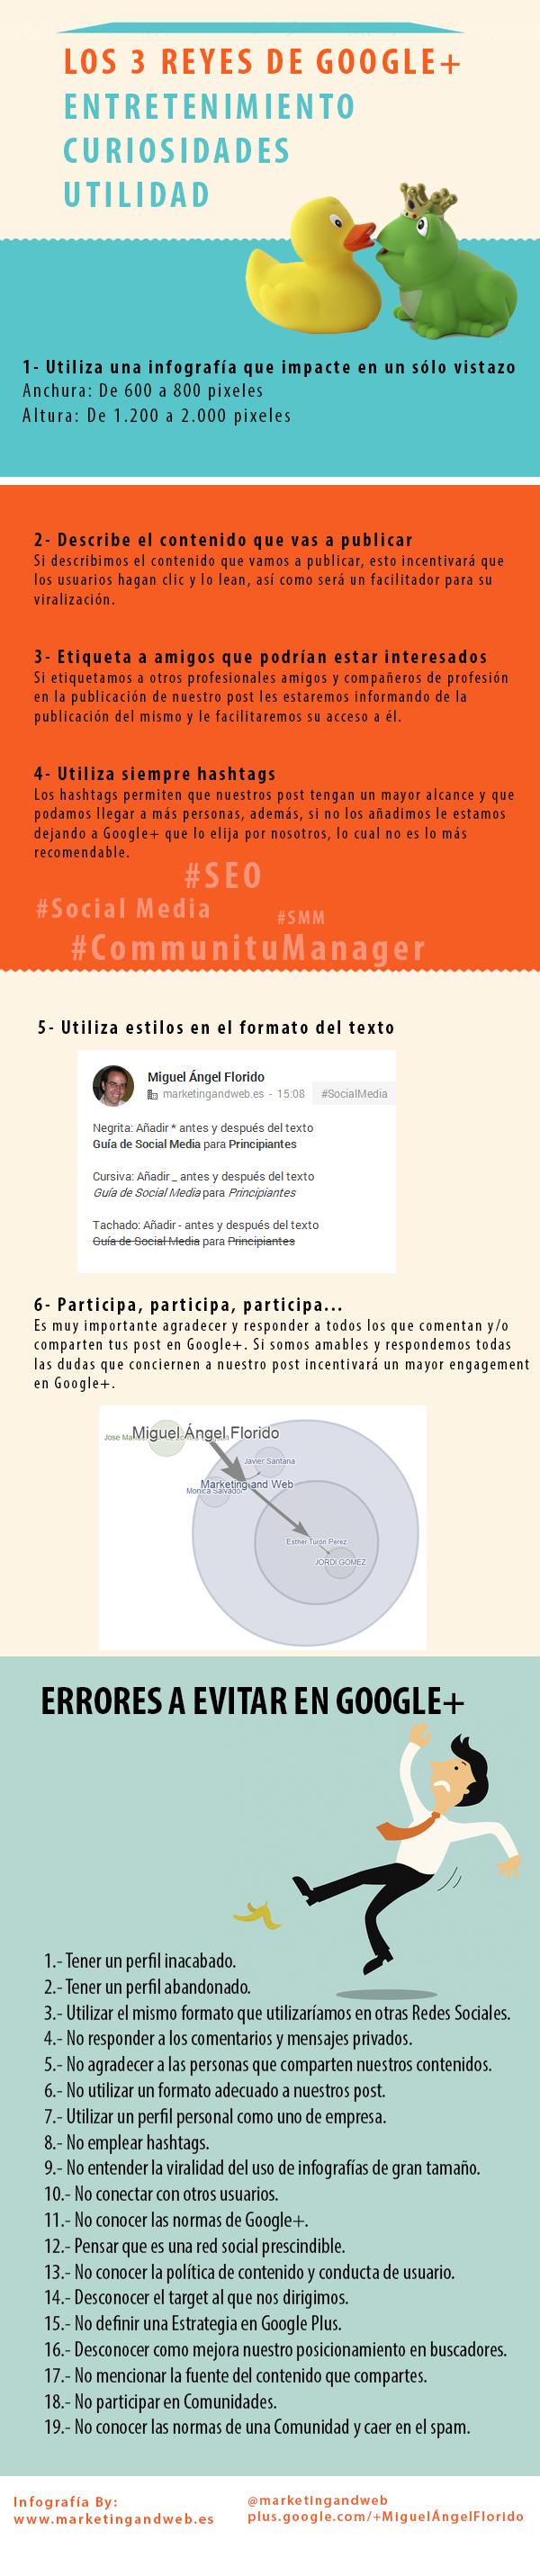 Estrategia en Google +